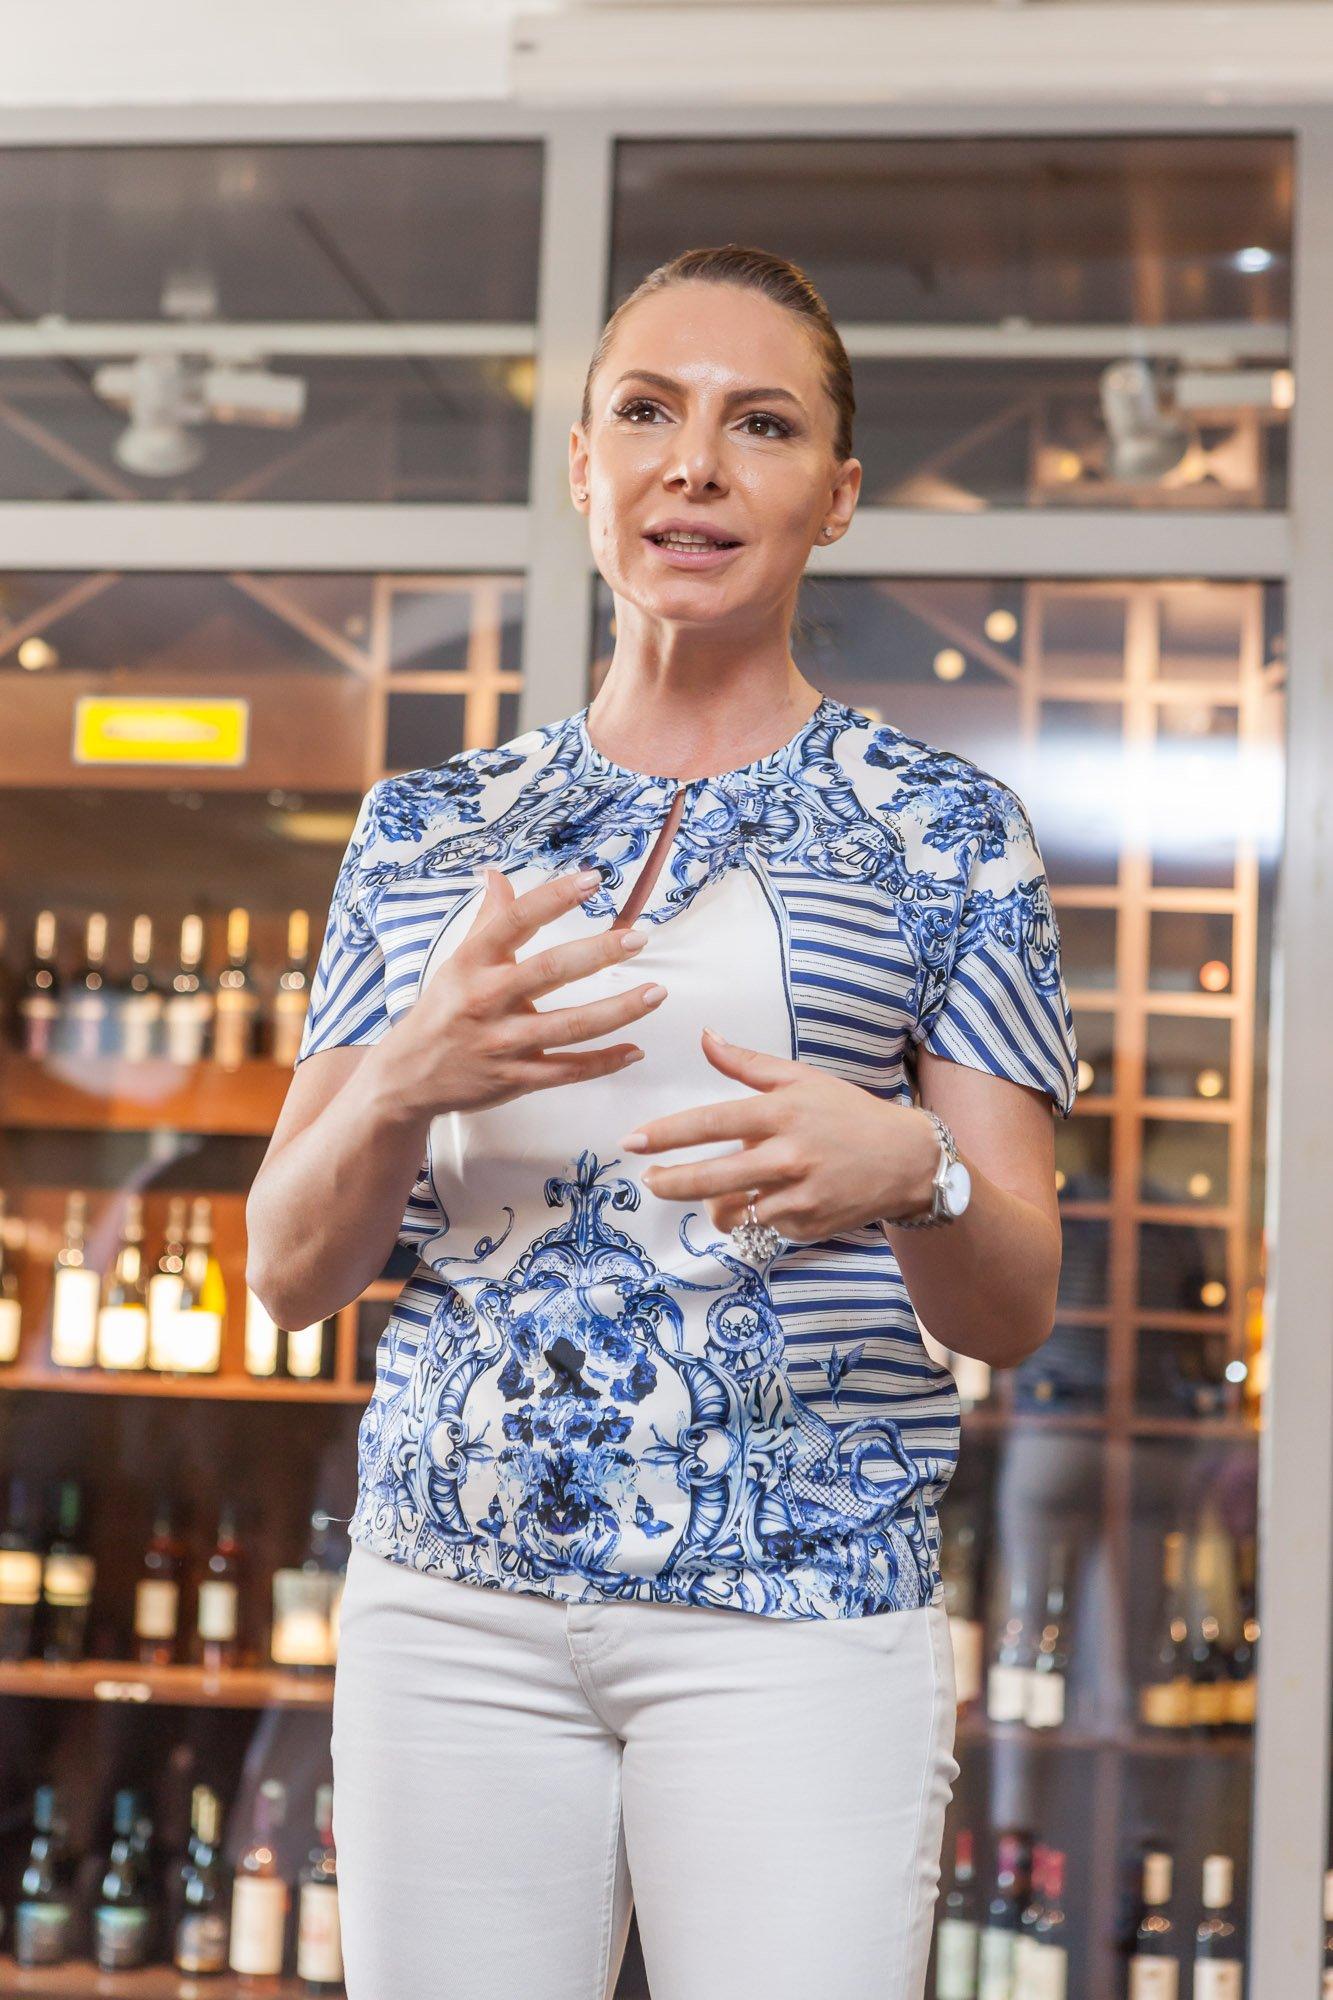 (P) Centrul de Pregătire în Gastronomie îti face poftă de învătat despre mâncarea bună 3